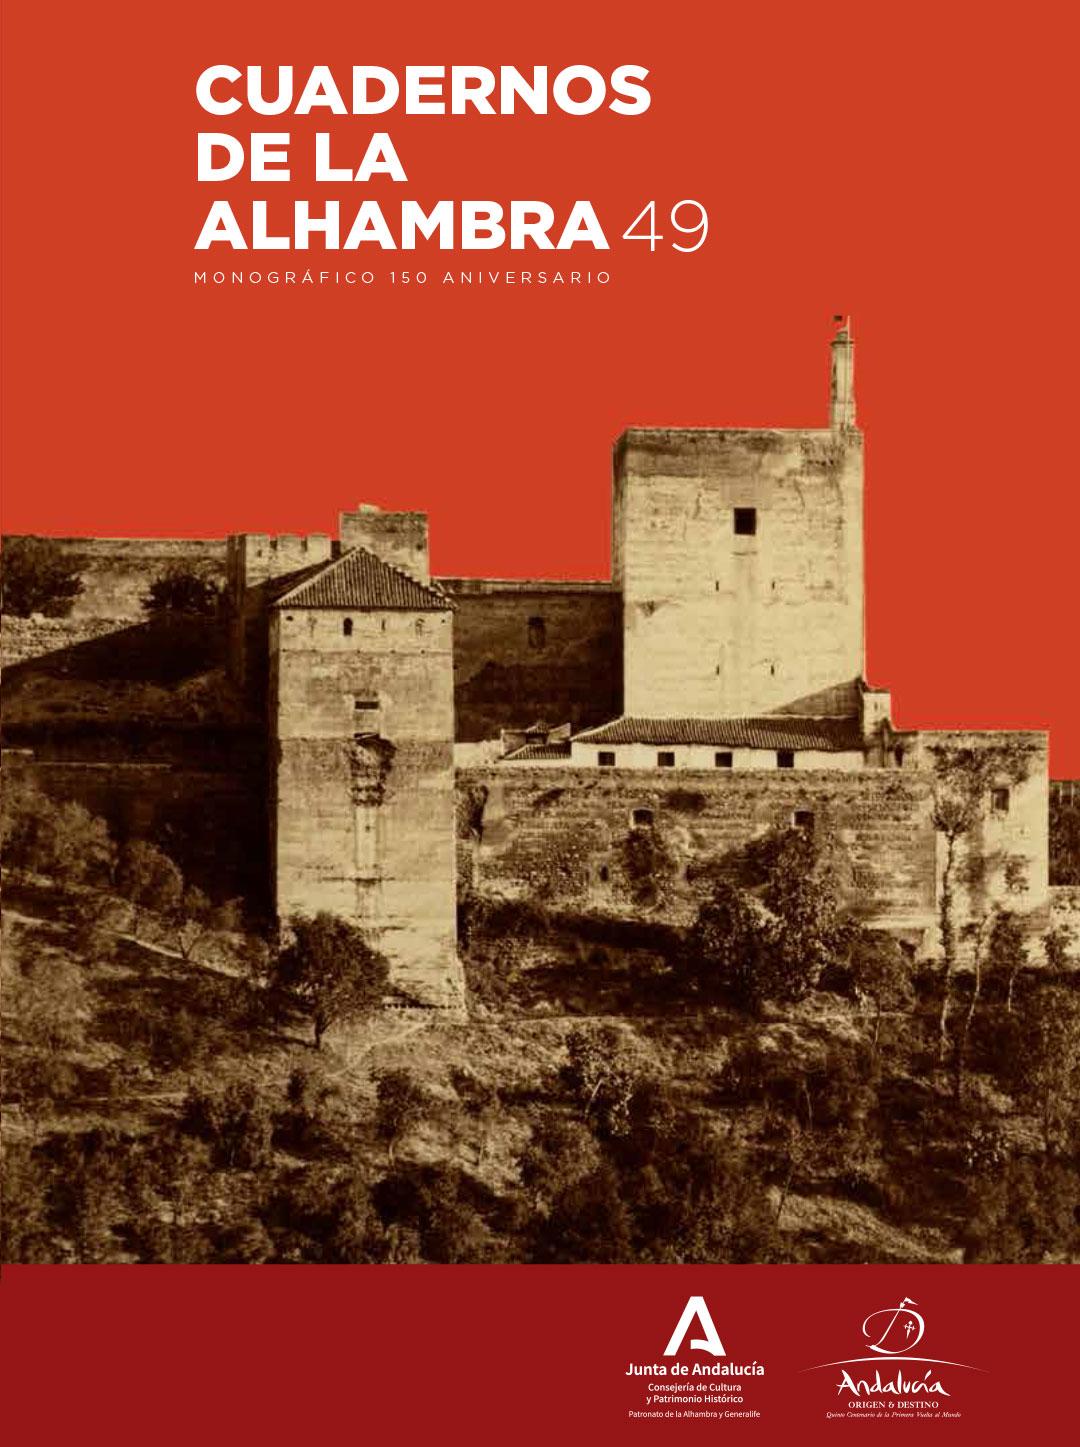 Portada del número 49 de Cuadernos de la Alhambra